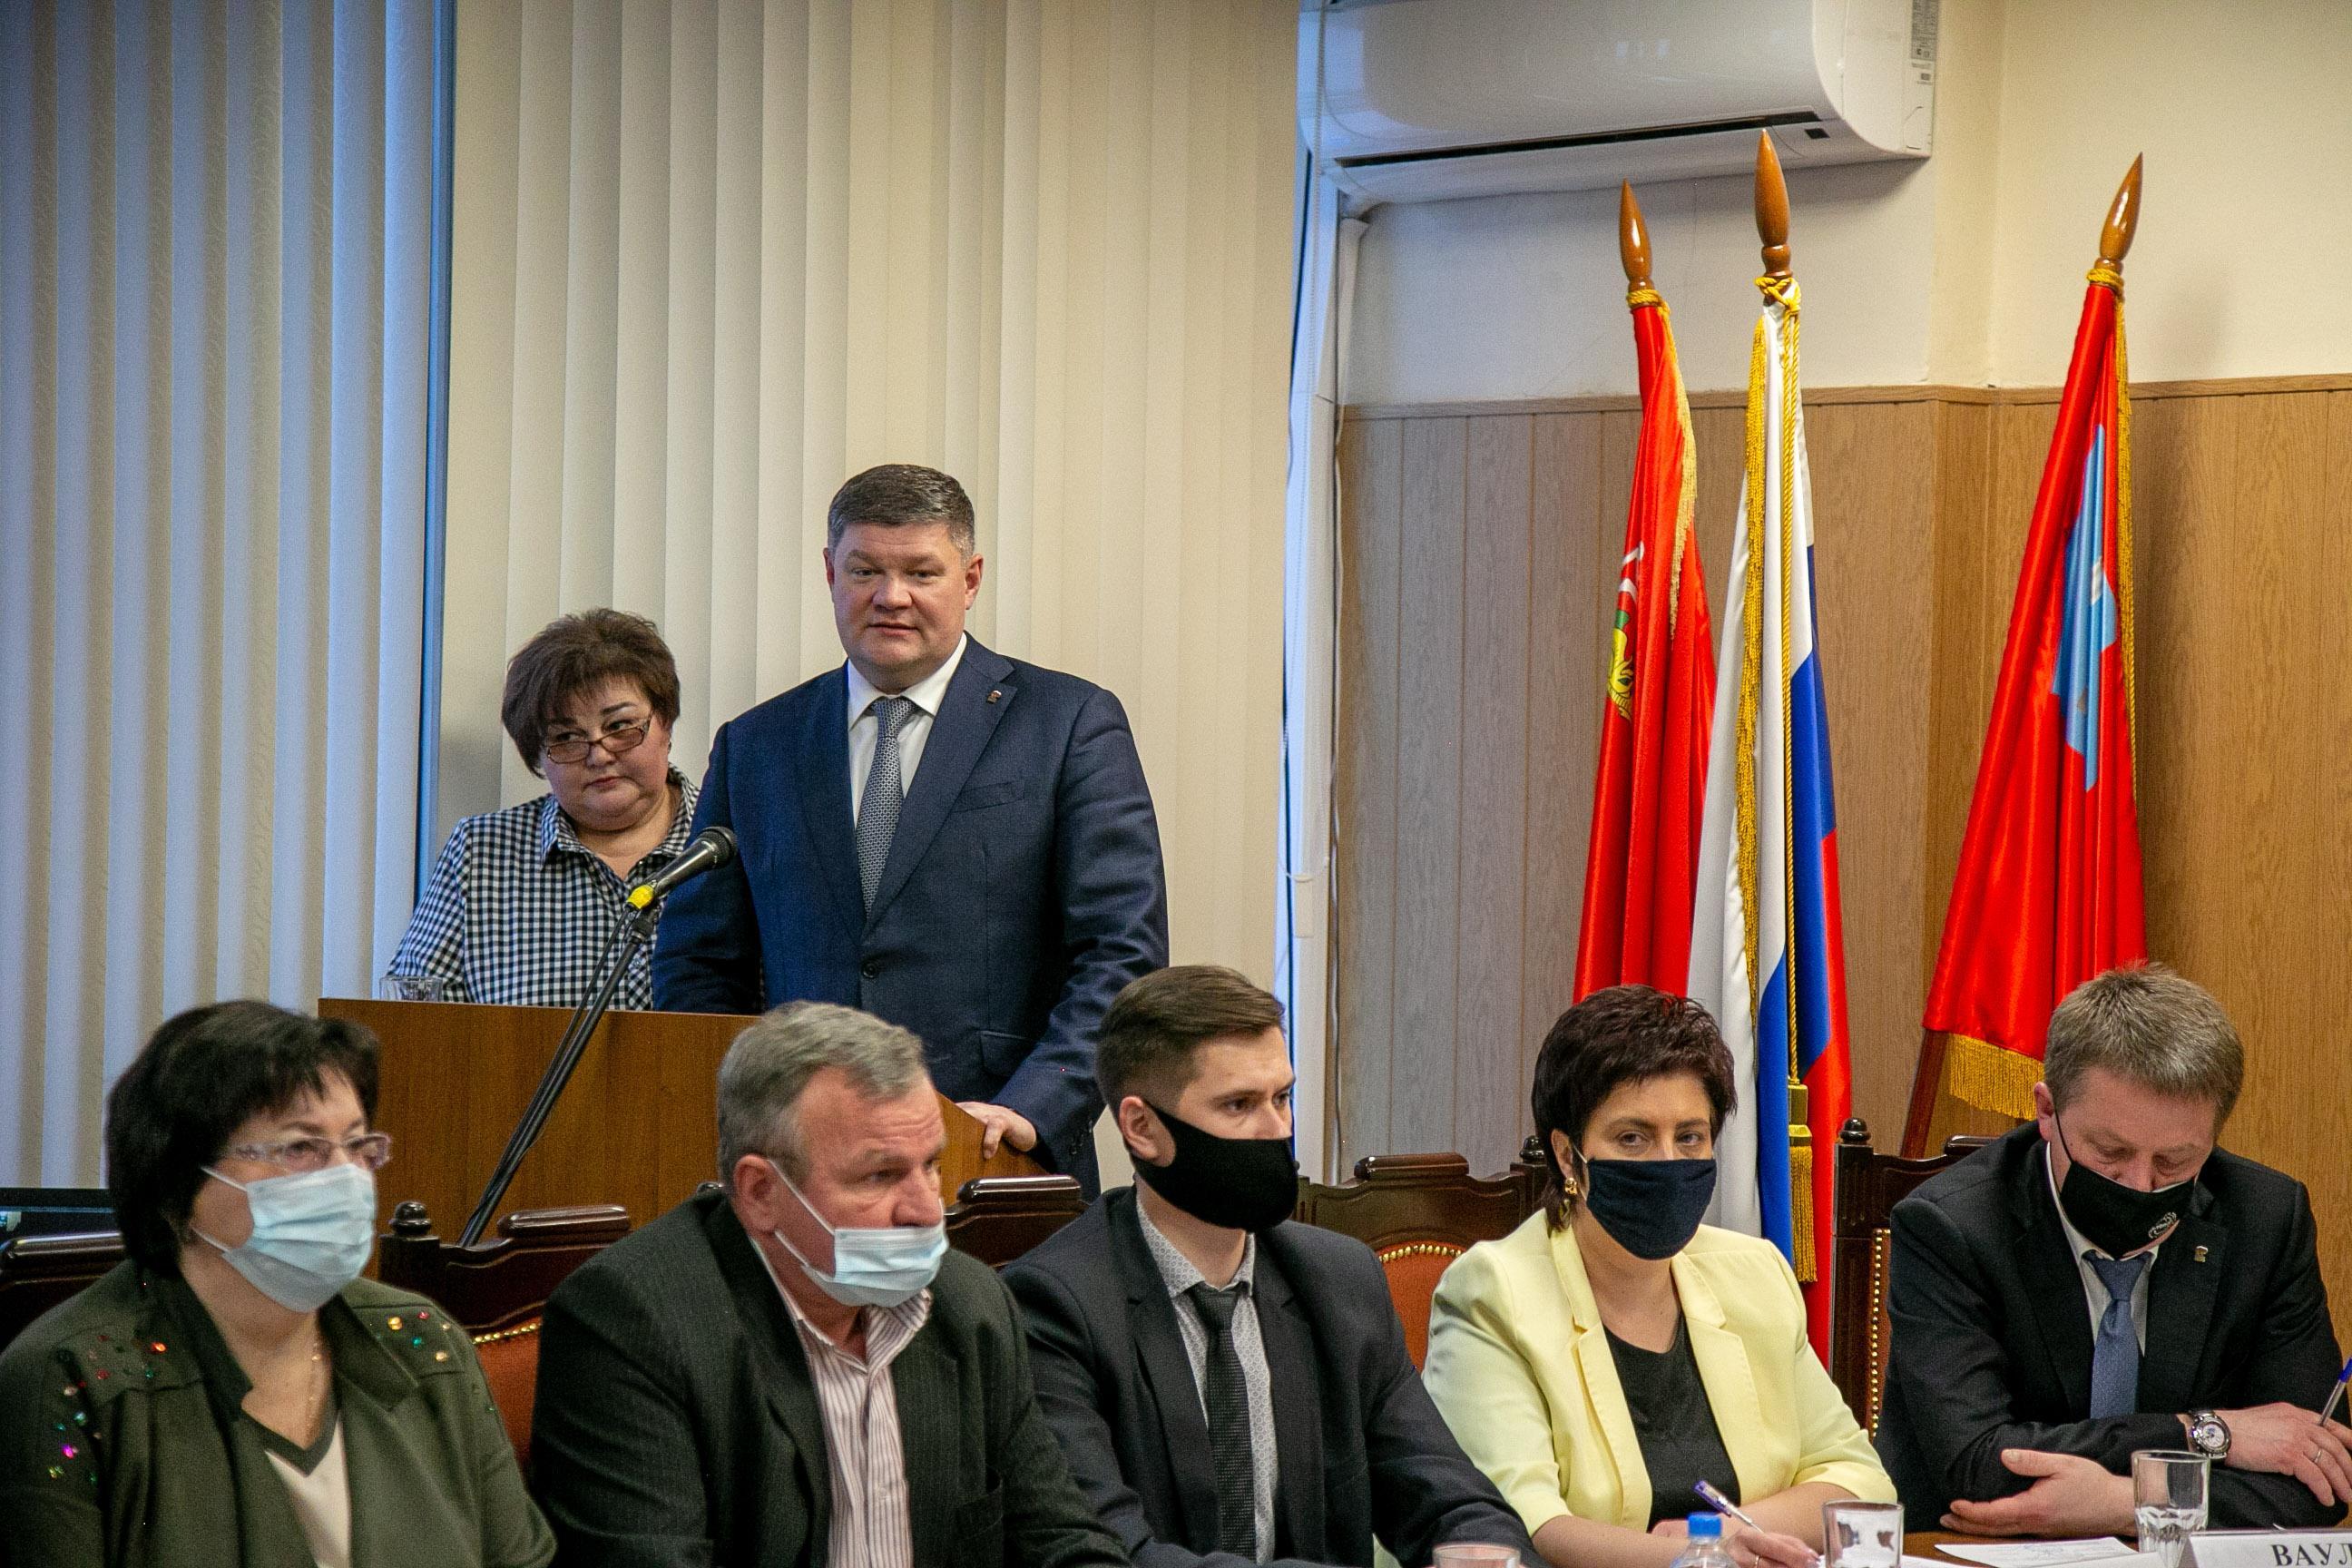 Новый Совет депутатов Коломны провел первое заседание